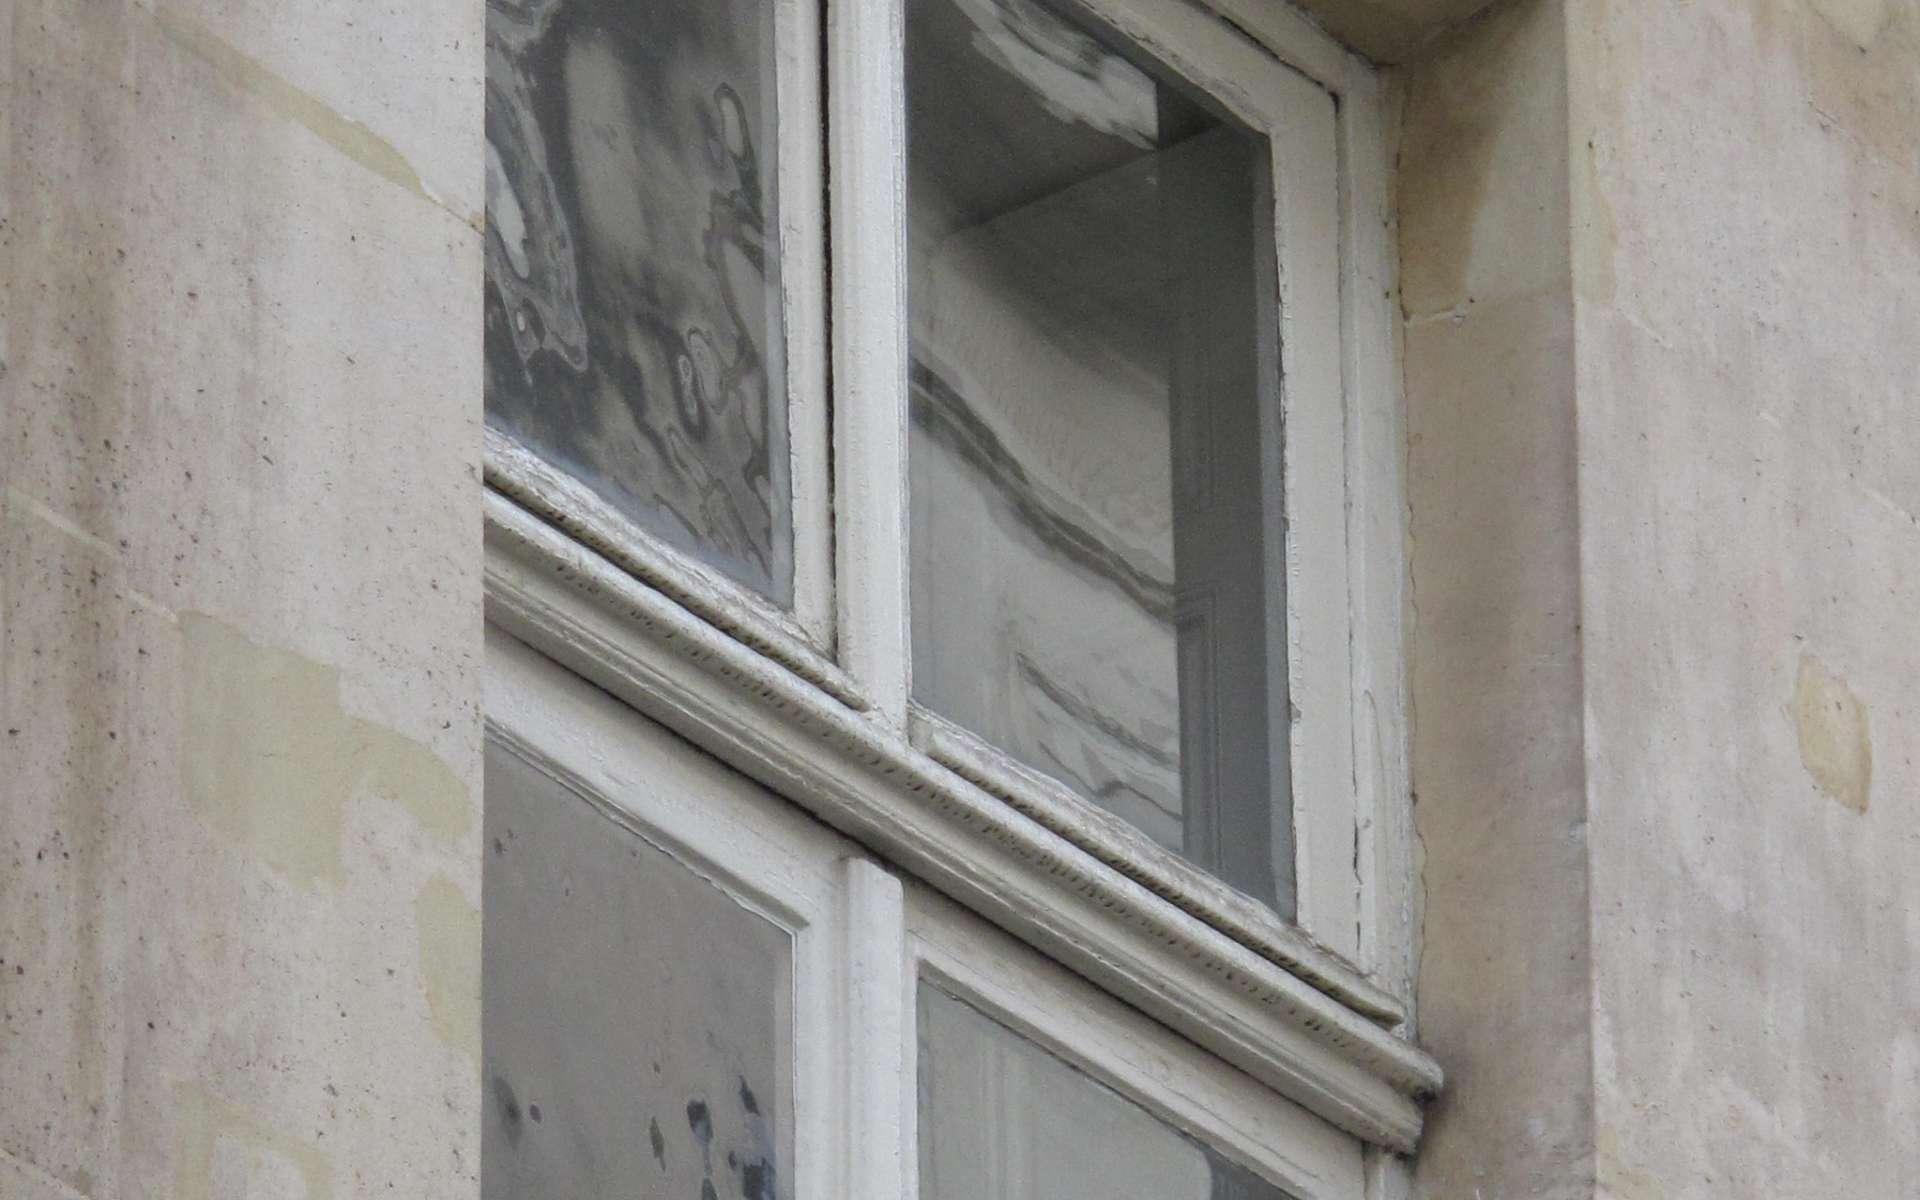 Le vitrage désigne l'ensemble de la vitre et de son châssis. © Tangopaso, Domaine public, Wikimedia Commons